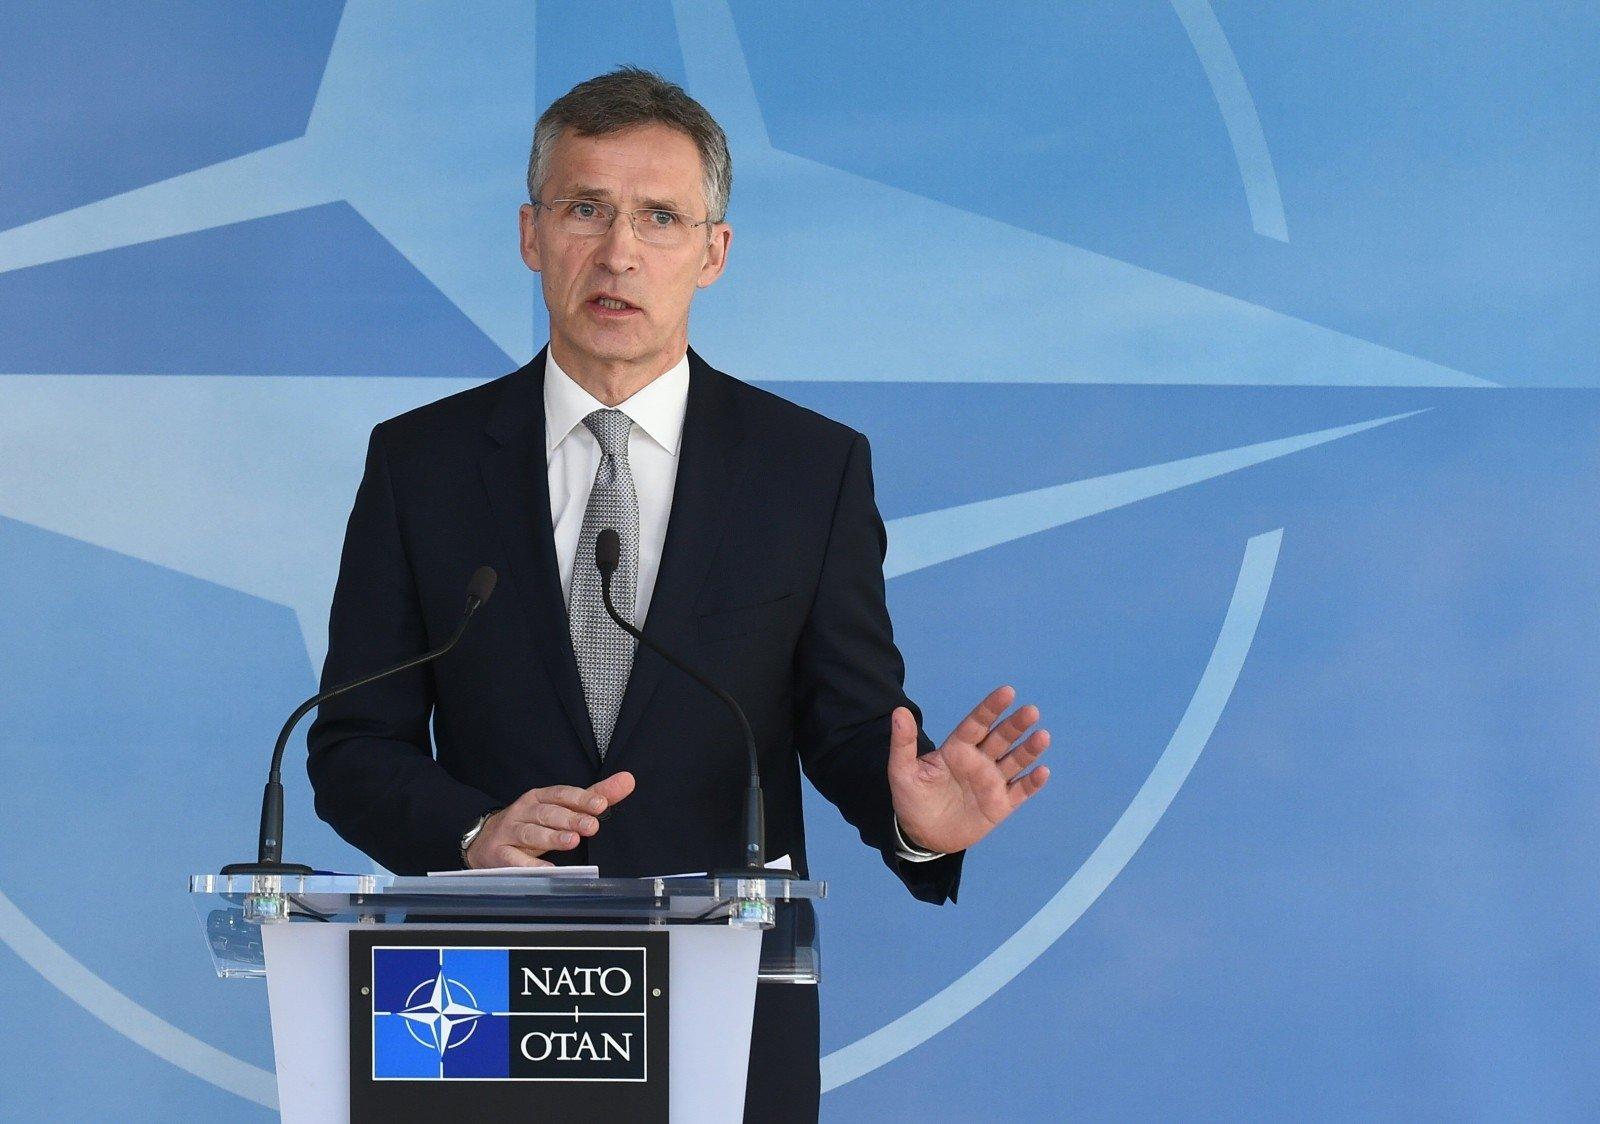 Ebből még baj lehet: A NATO szerint Oroszország megsértette az atomfegyverekről szóló egyezményt